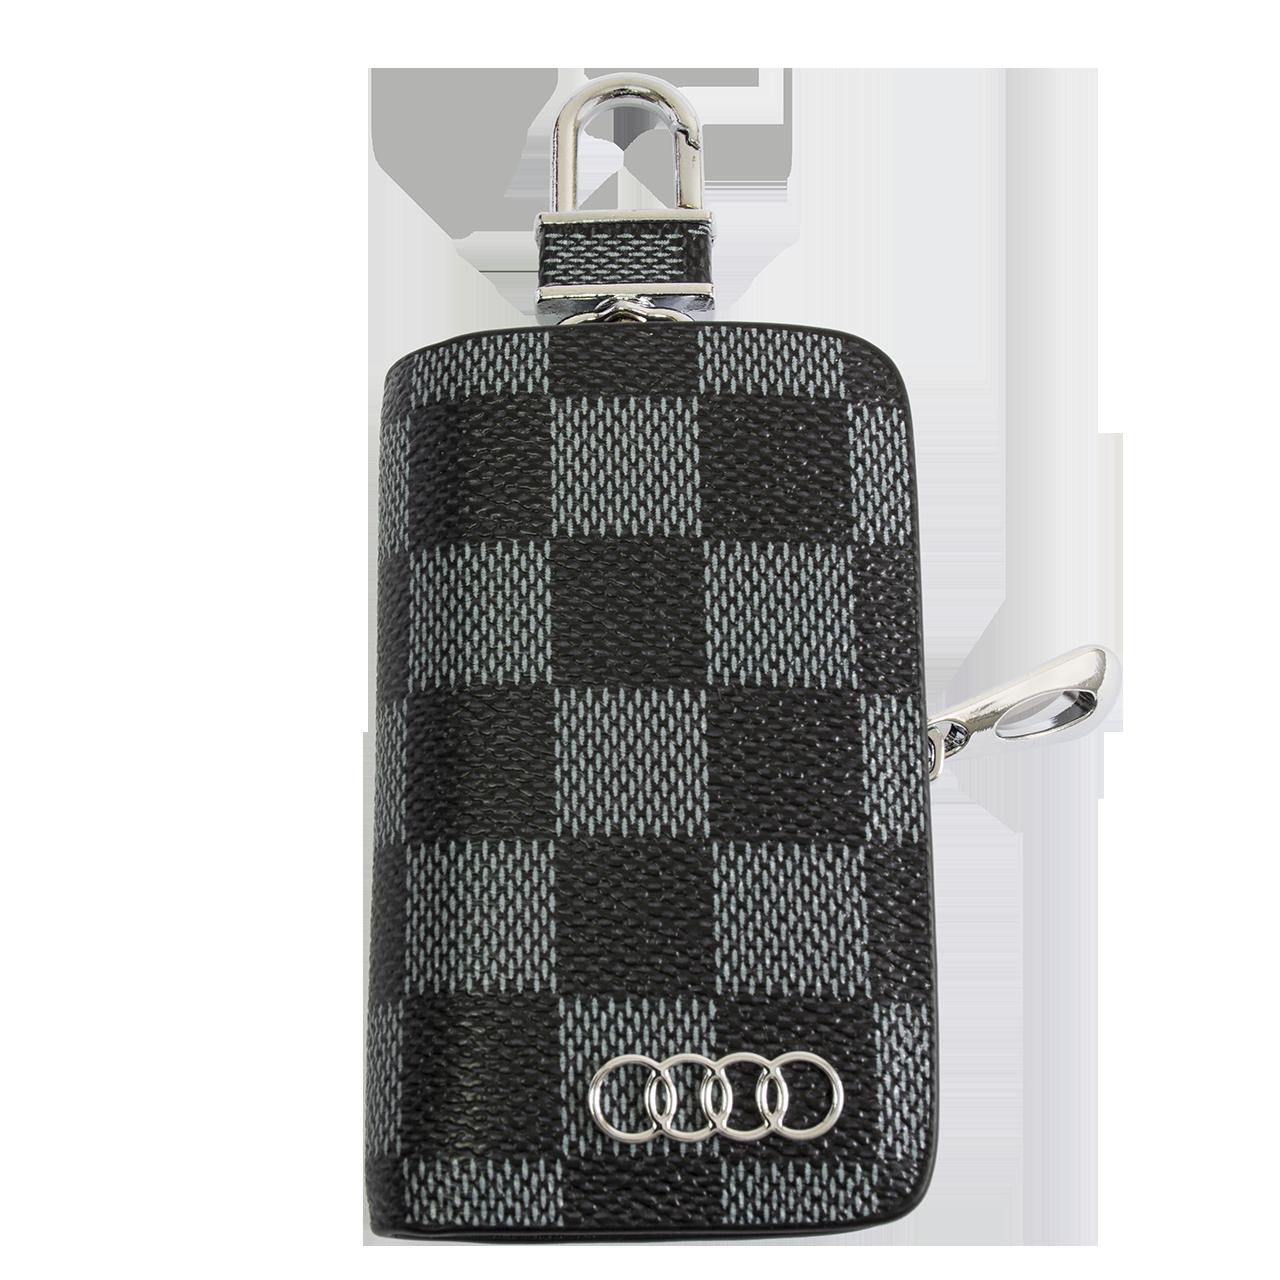 Ключниця Carss з логотипом AUDI 01013 карбон сірий